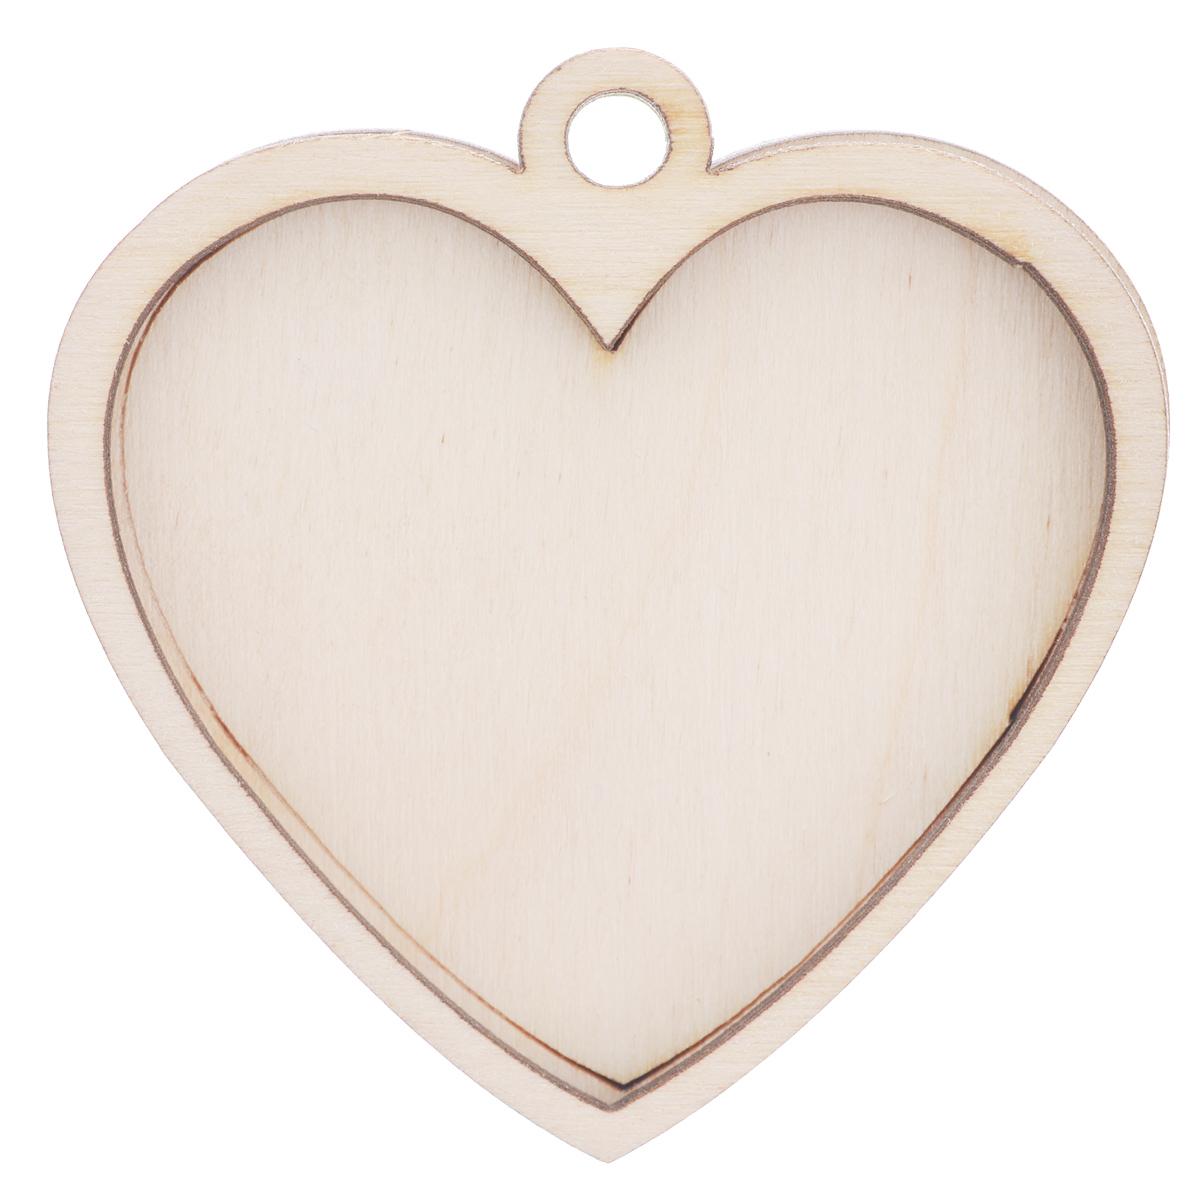 Деревянная заготовка Астра Медальон сердечко, 6 х 6 х 0,7 см486766Заготовка Астра Медальон сердечко, изготовленная из дерева, станет хорошей основой для вашего творчества. Заготовку можно украсить бисером, блестками, тесьмой, кружевом - возможности не ограничены. Творческий процесс развивает воображение, учит видеть сказку в обыденных вещах, ведь для нее всегда есть место в нашей жизни! Заготовка Астра Медальон сердечко станет идеальным украшением интерьера вашего дома и отличным подарком для вас и ваших близких.